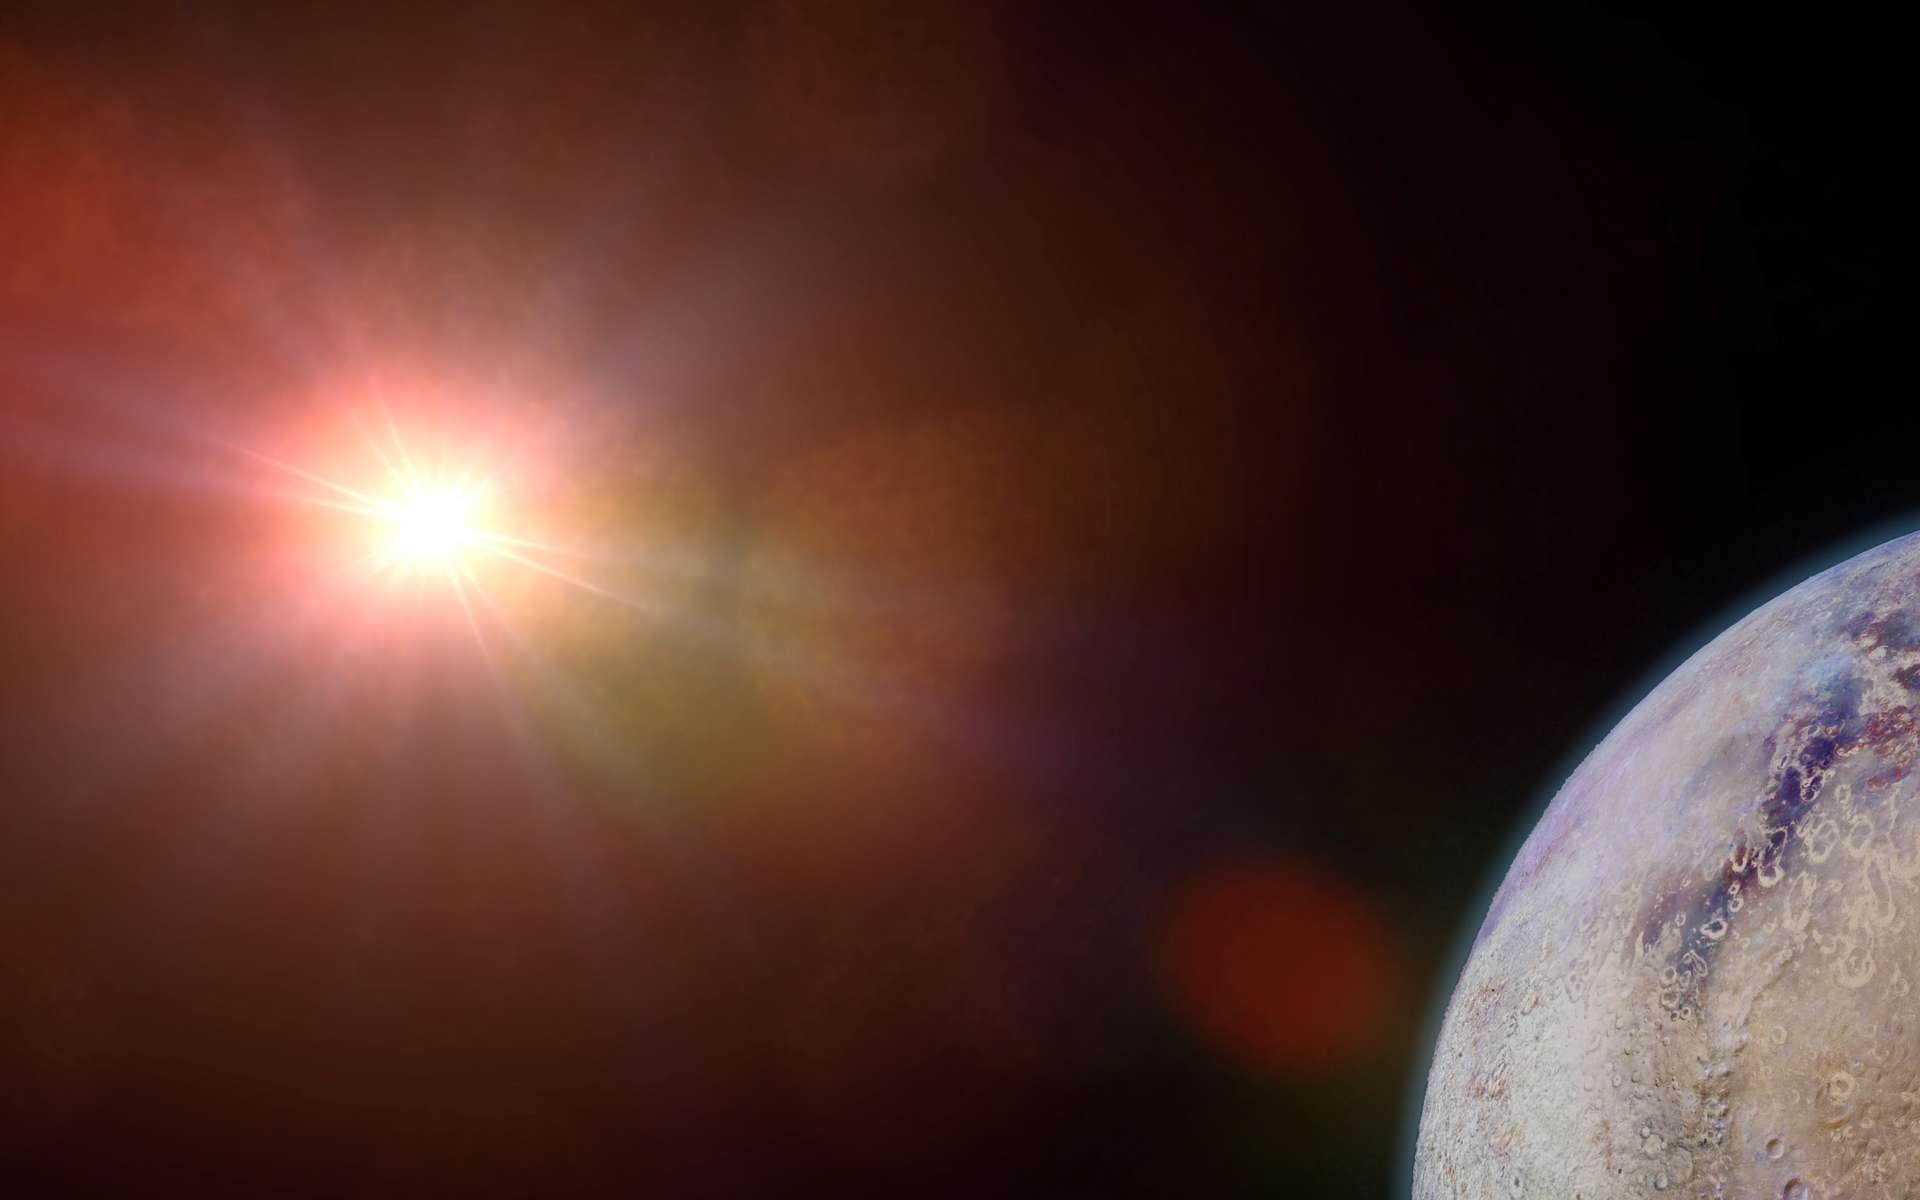 Illustration d'une exoplanète habitable en orbite autour d'une étoile qui ressemble à une naine orange. © dottedyeti, Adobe Stock